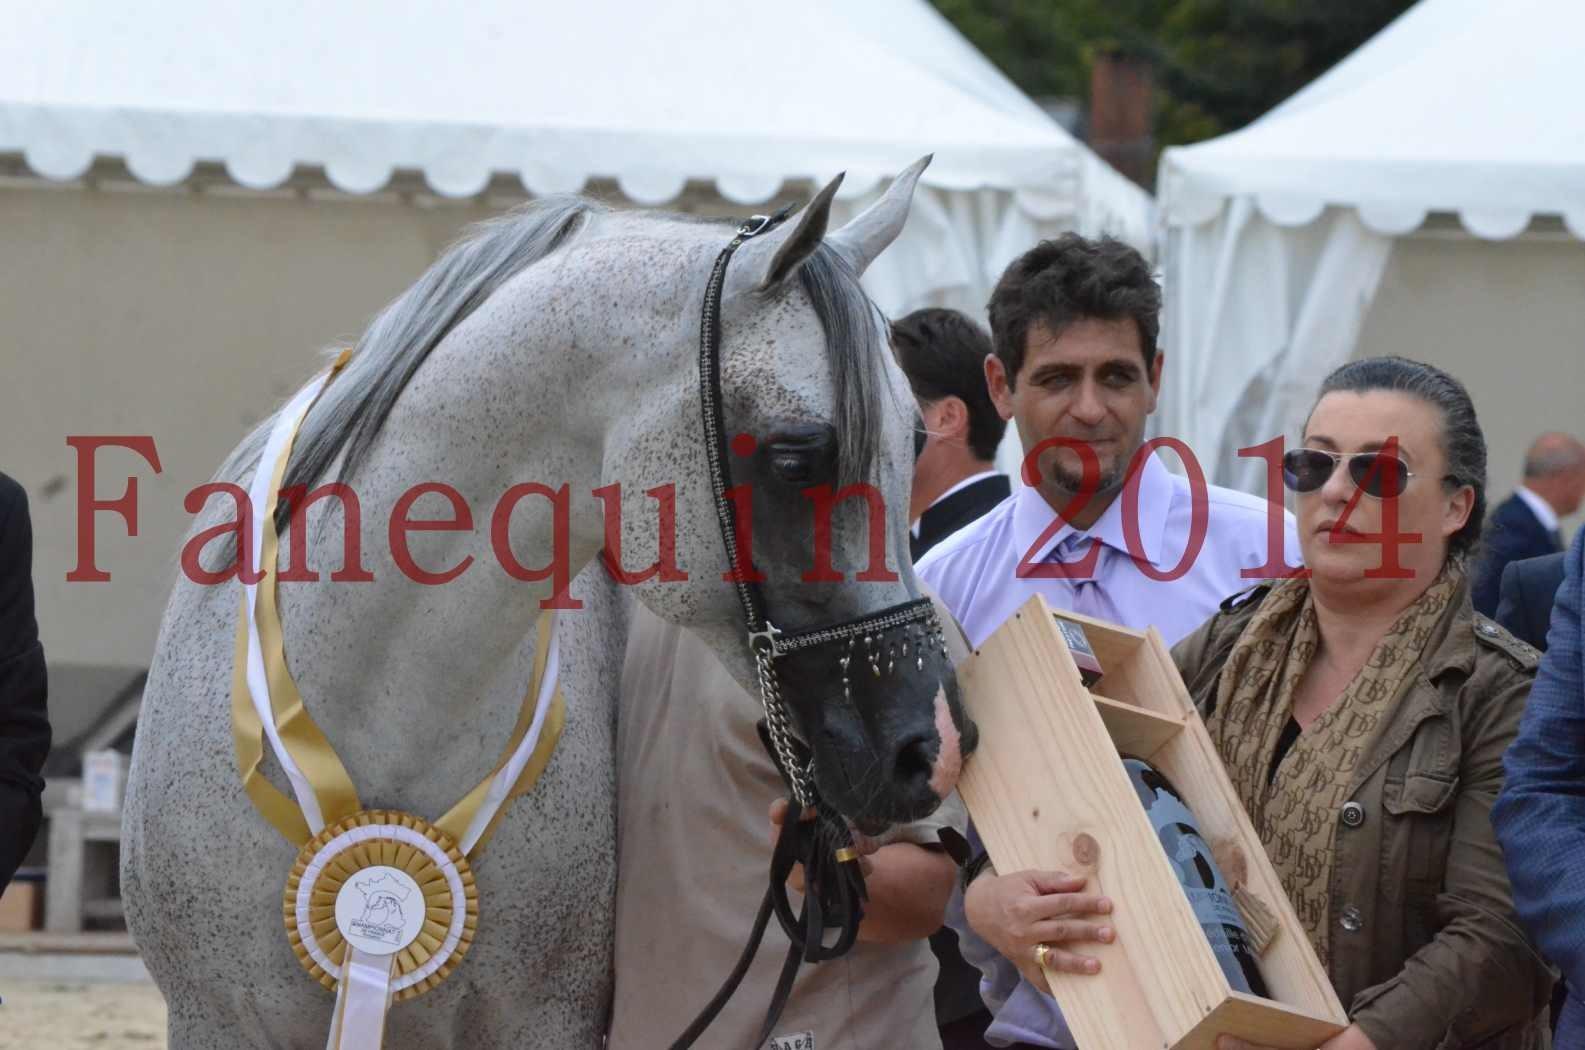 CHAMPIONNAT DE FRANCE  2014 A POMPADOUR - Championnat - SHEYK DE GARGASSAN - 27